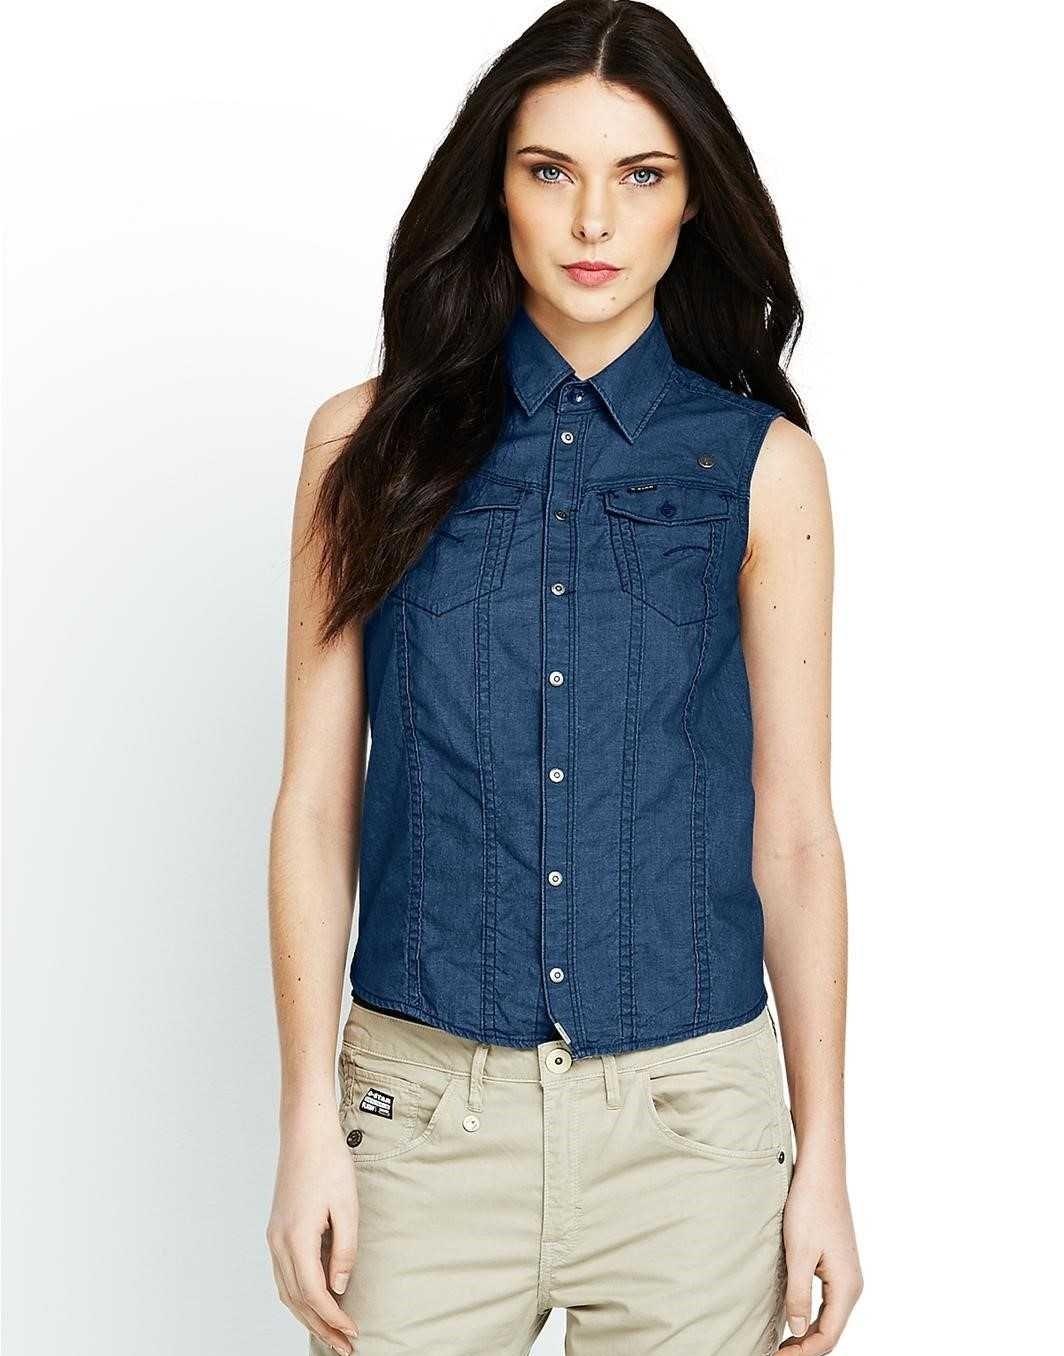 Рубашка без рукавов женская сшить фото 907